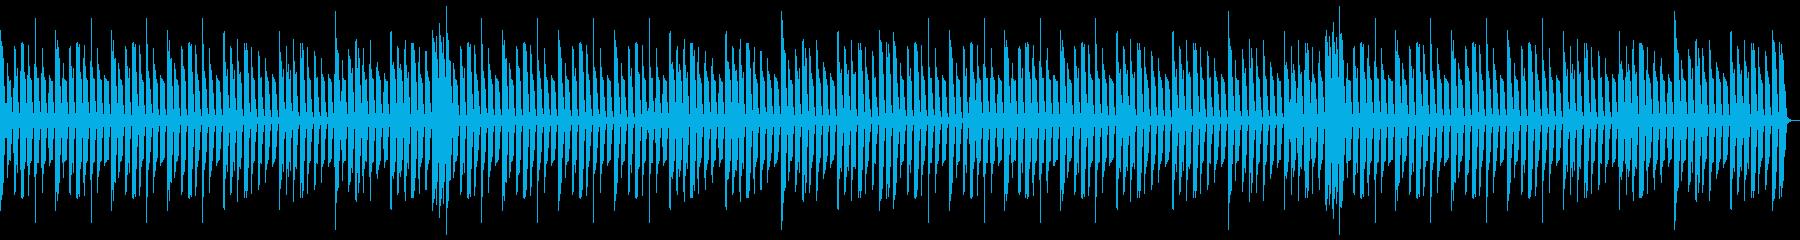 シンキングタイムに流れるBGMの再生済みの波形